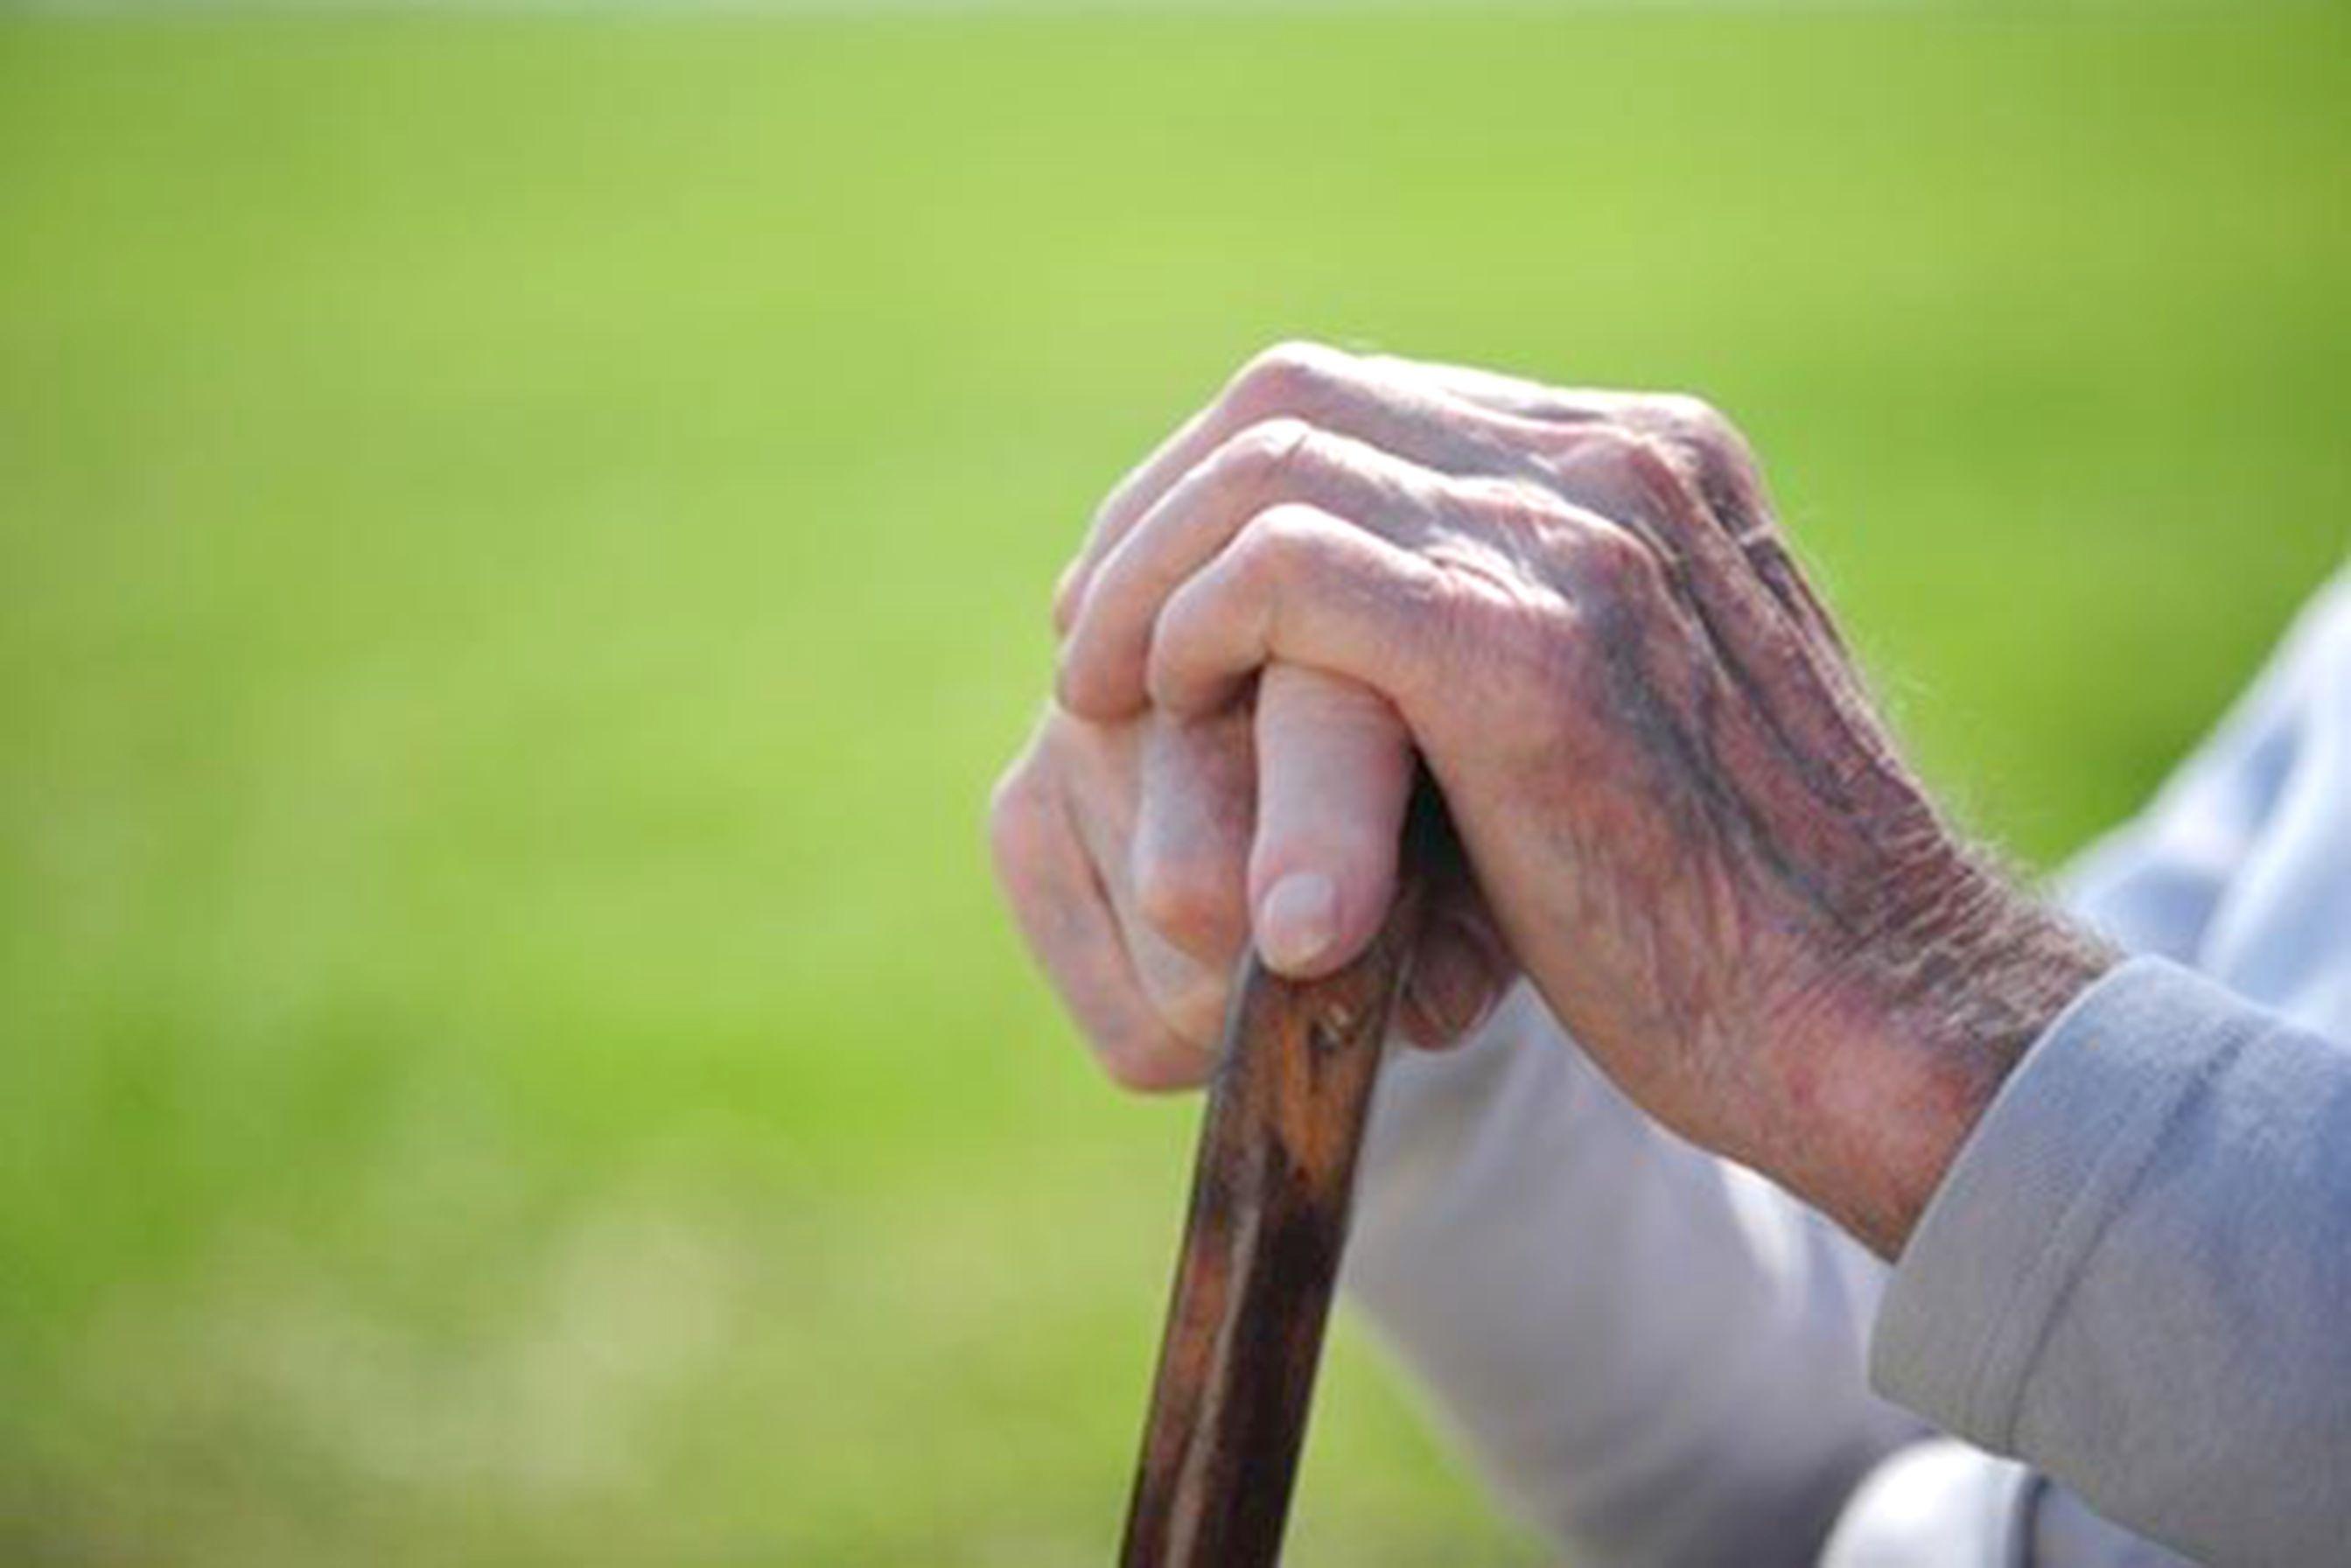 مشکلات روانی شایع در سالمندان کدام است؟